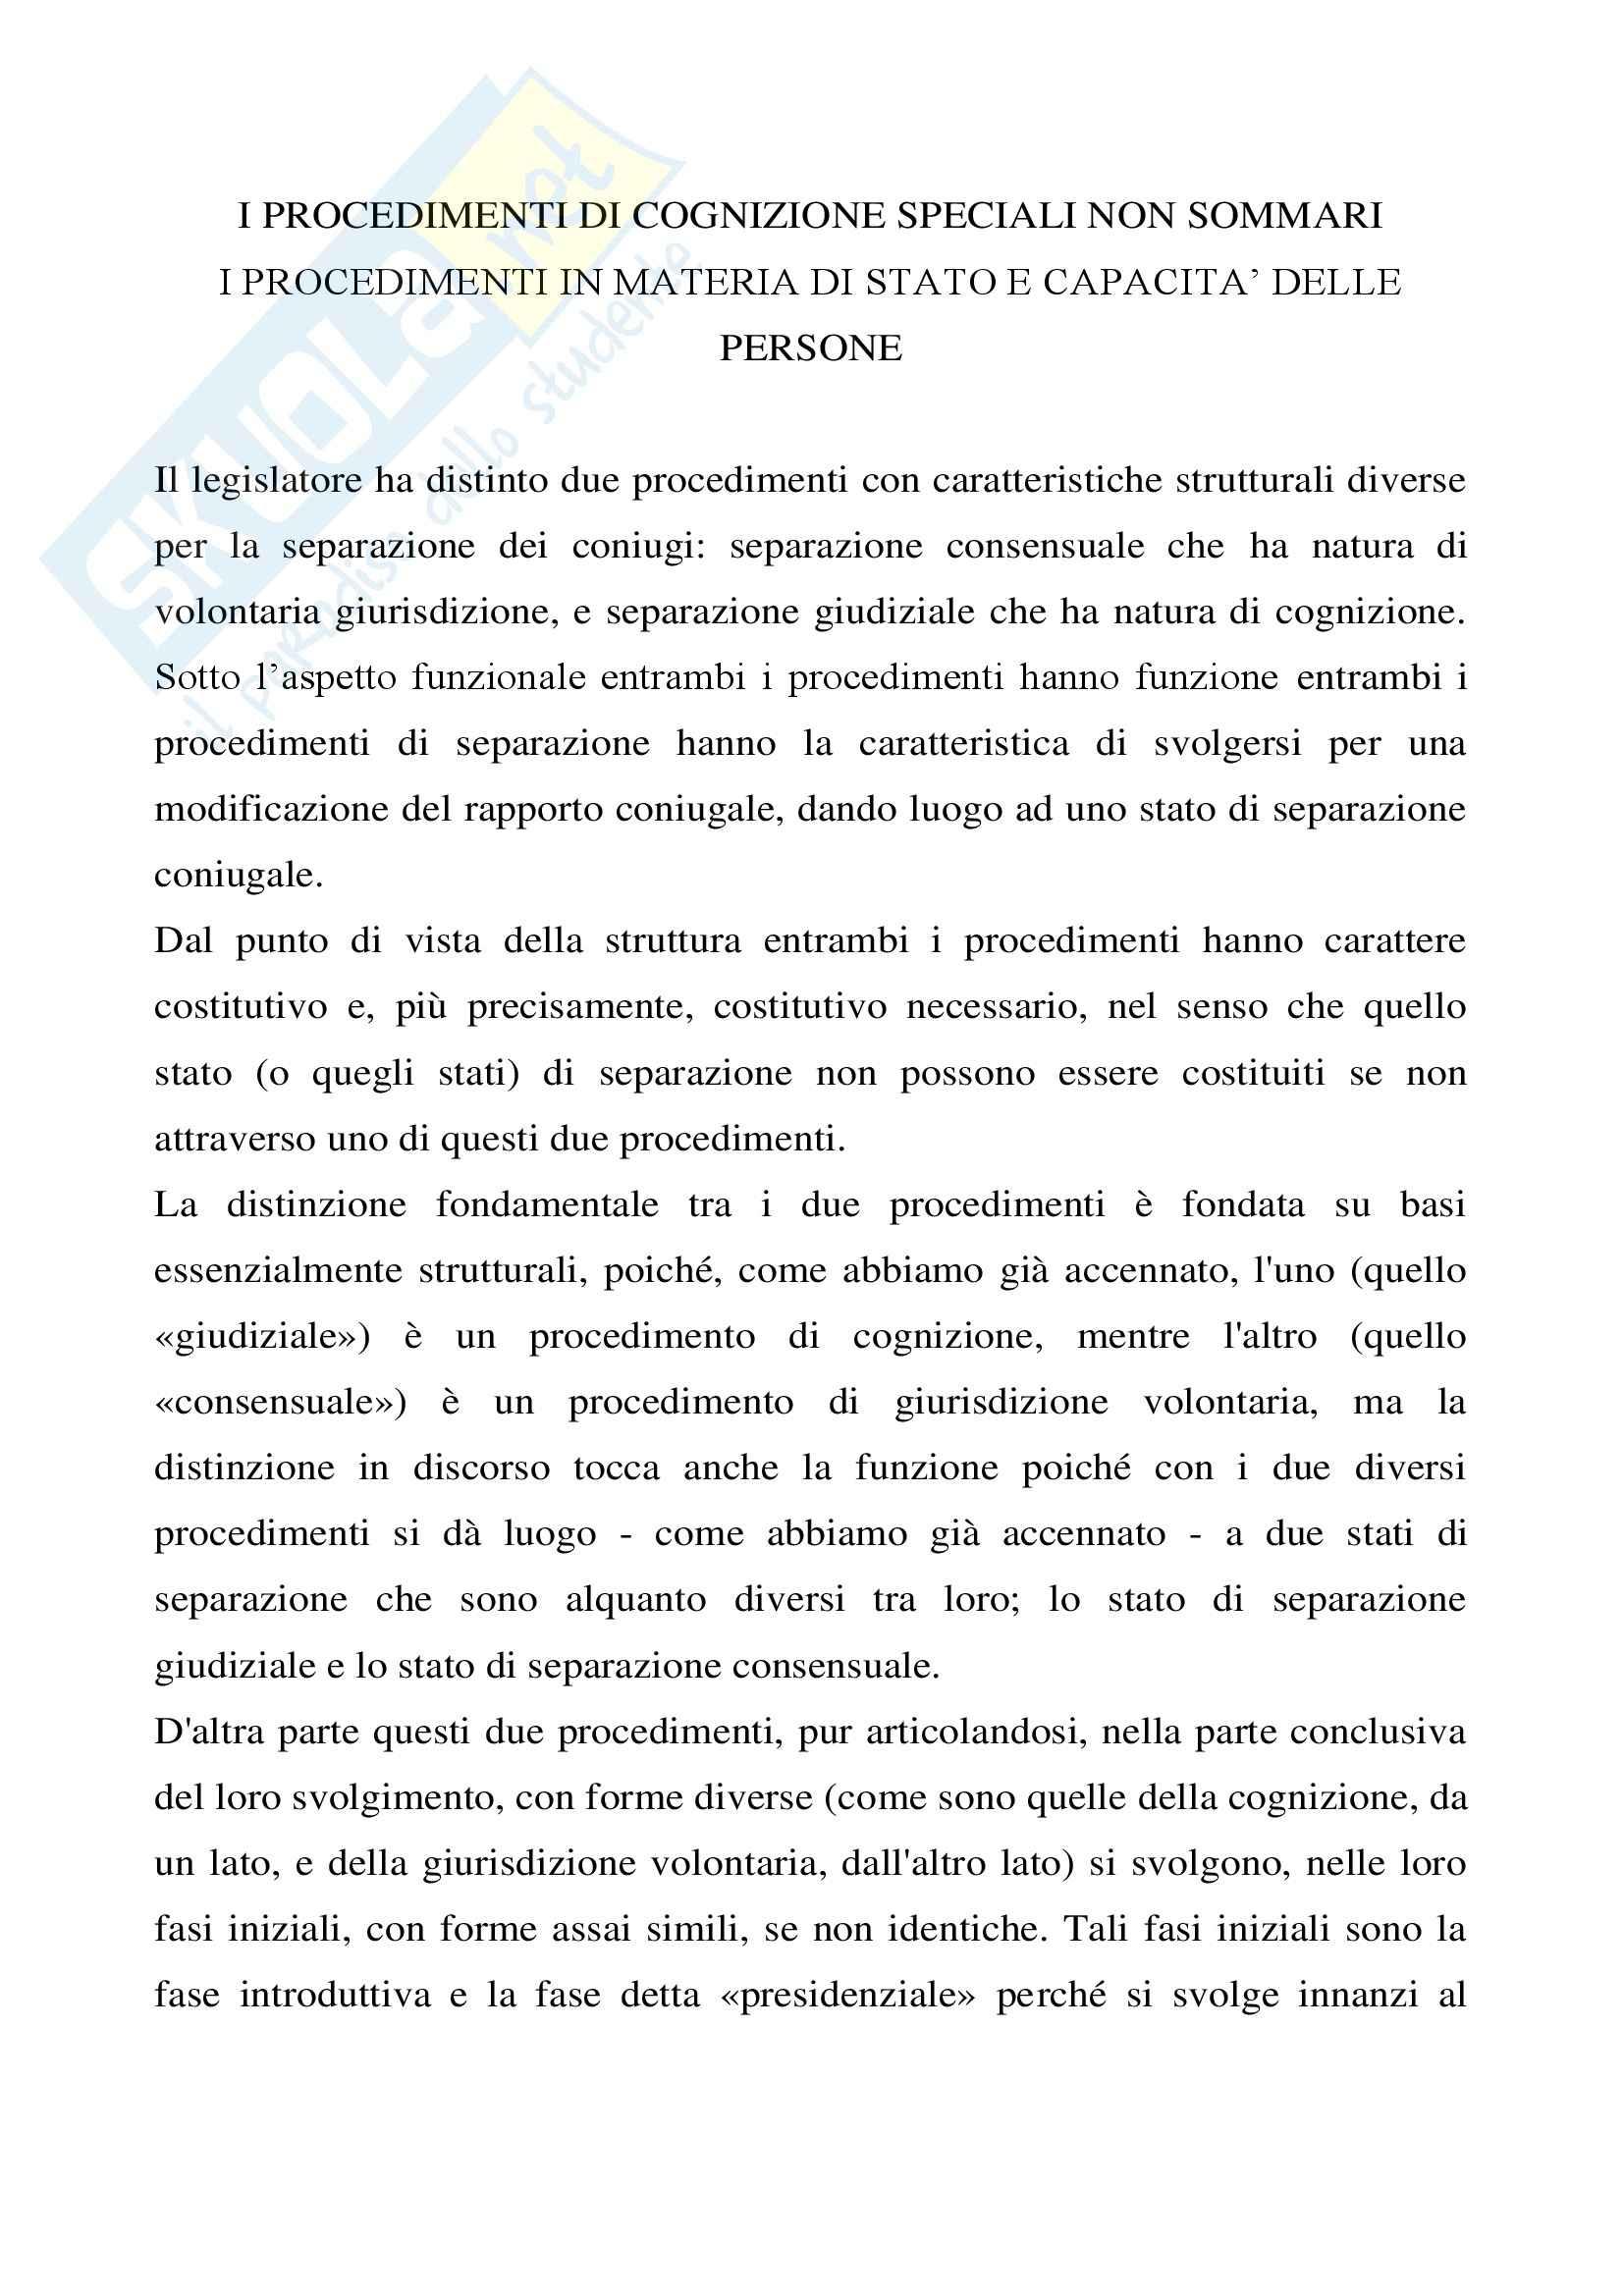 Diritto processuale civile - i procedimenti di cognizione speciali non sommari - Appunti